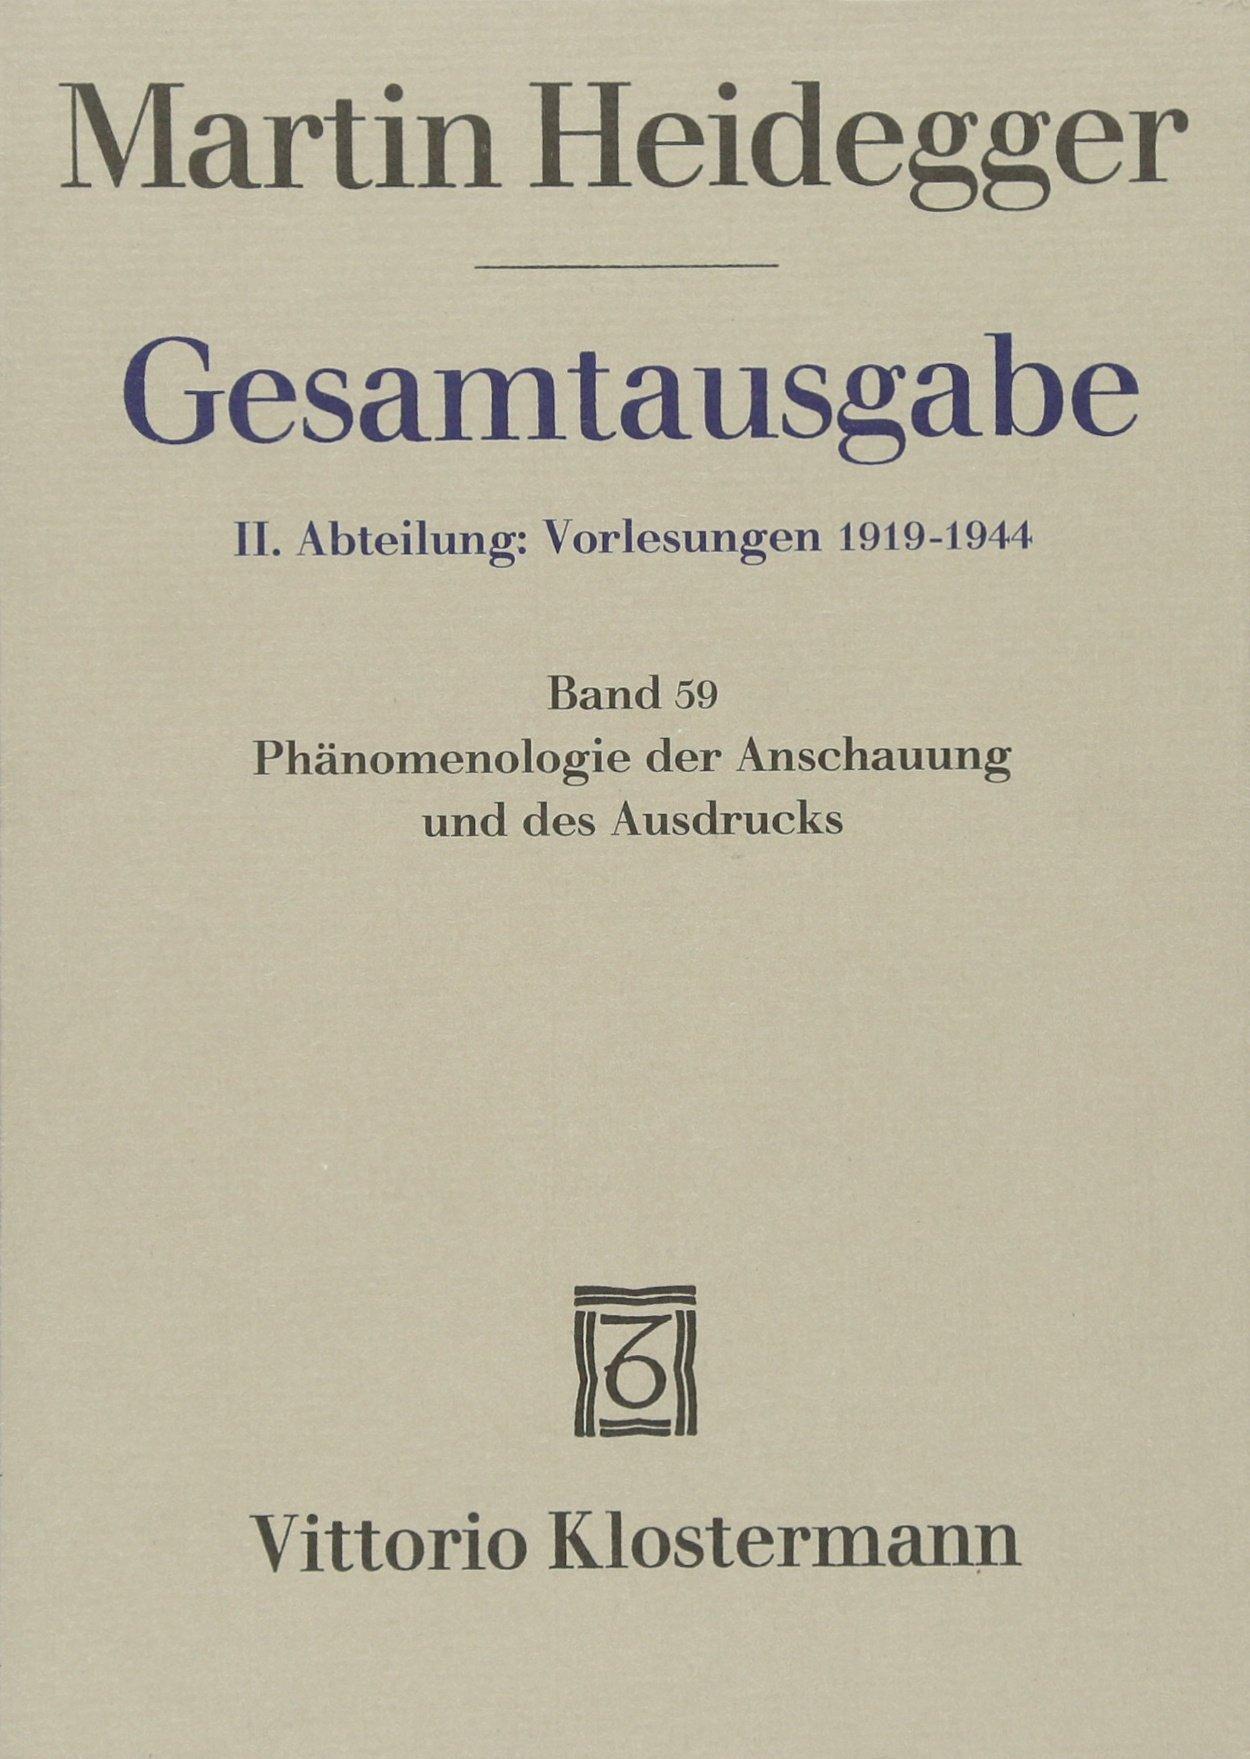 Gesamtausgabe 2. Abt. Bd. 59: Phänomenologie der Anschauung und des Ausdrucks. Theorie der philosophischen Begriffsbildung (Sommersemester 1920)